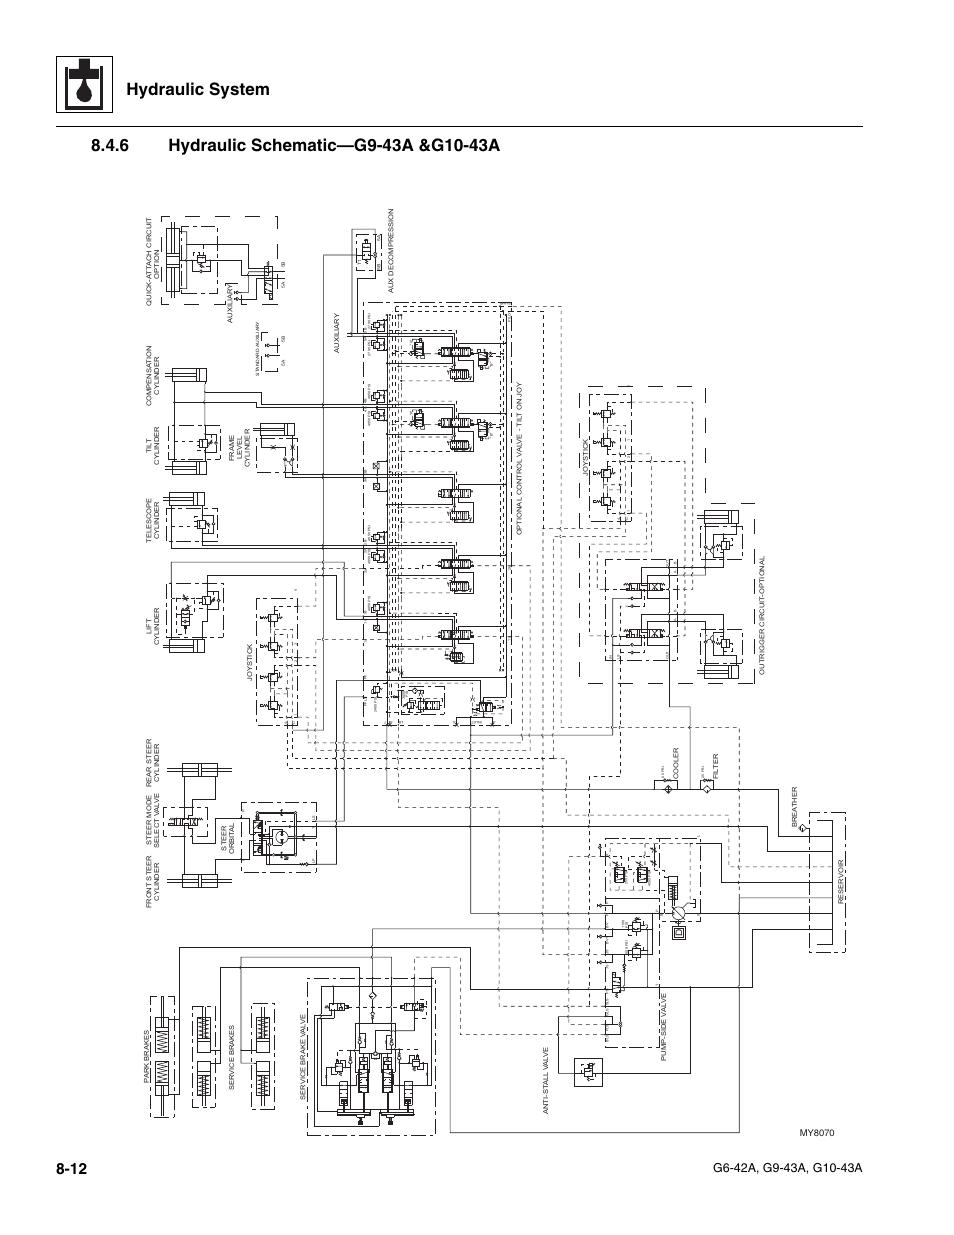 6 hydraulic schematic—g9-43a &g10-43a, Hydraulic schematic